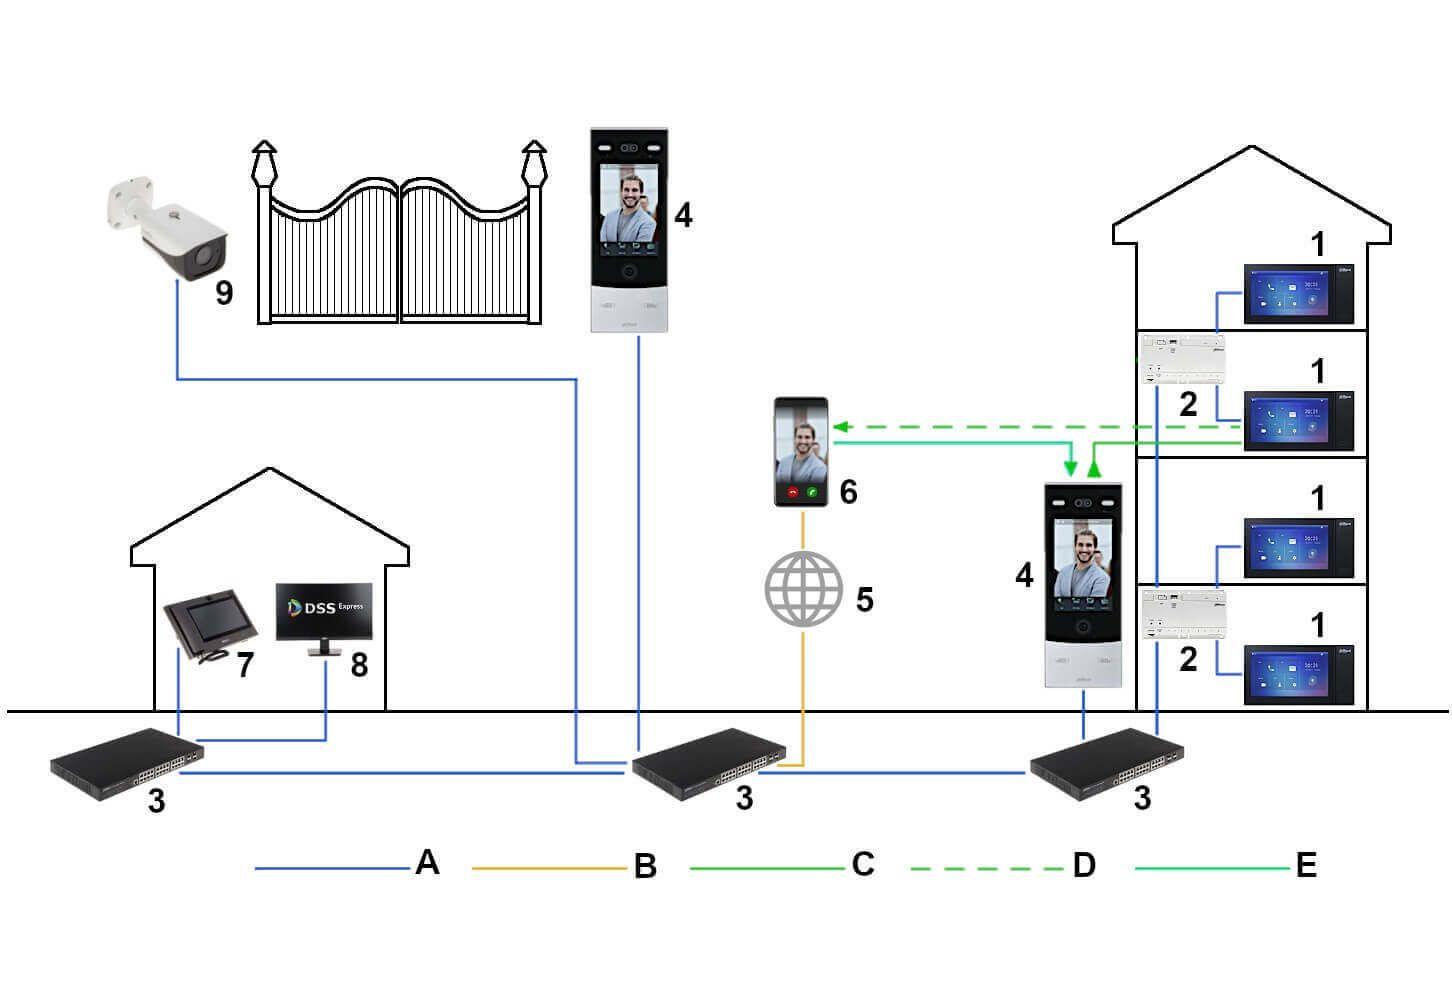 Hỗ trợ kết nối với hệ thống camera an ninh, điều khiển khóa điện từ xa